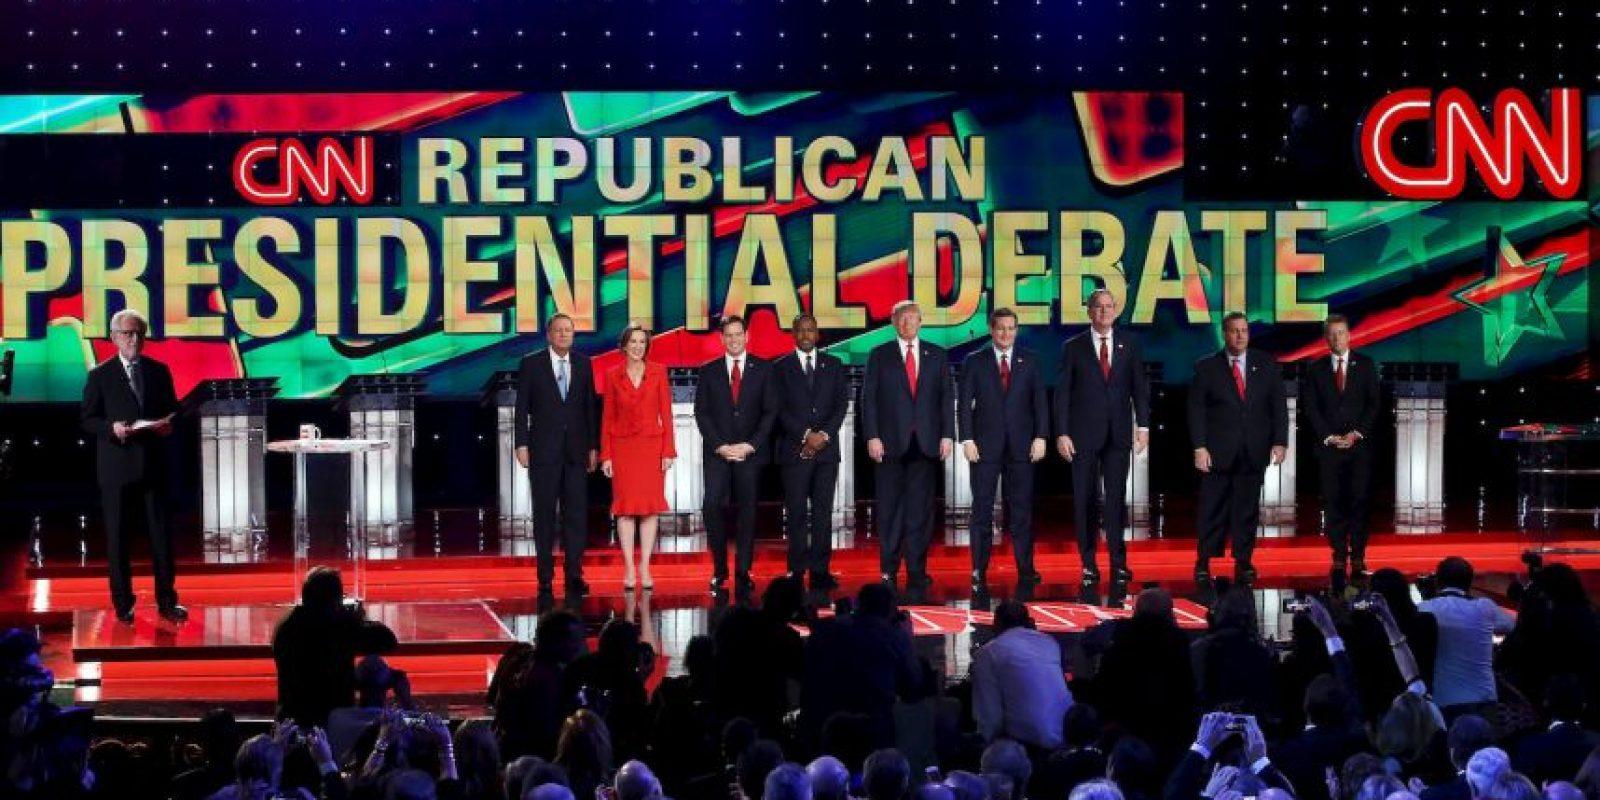 Los políticos criticaron las expresiones de Donald Trump en contra de los musulmanes. Foto:Getty Images